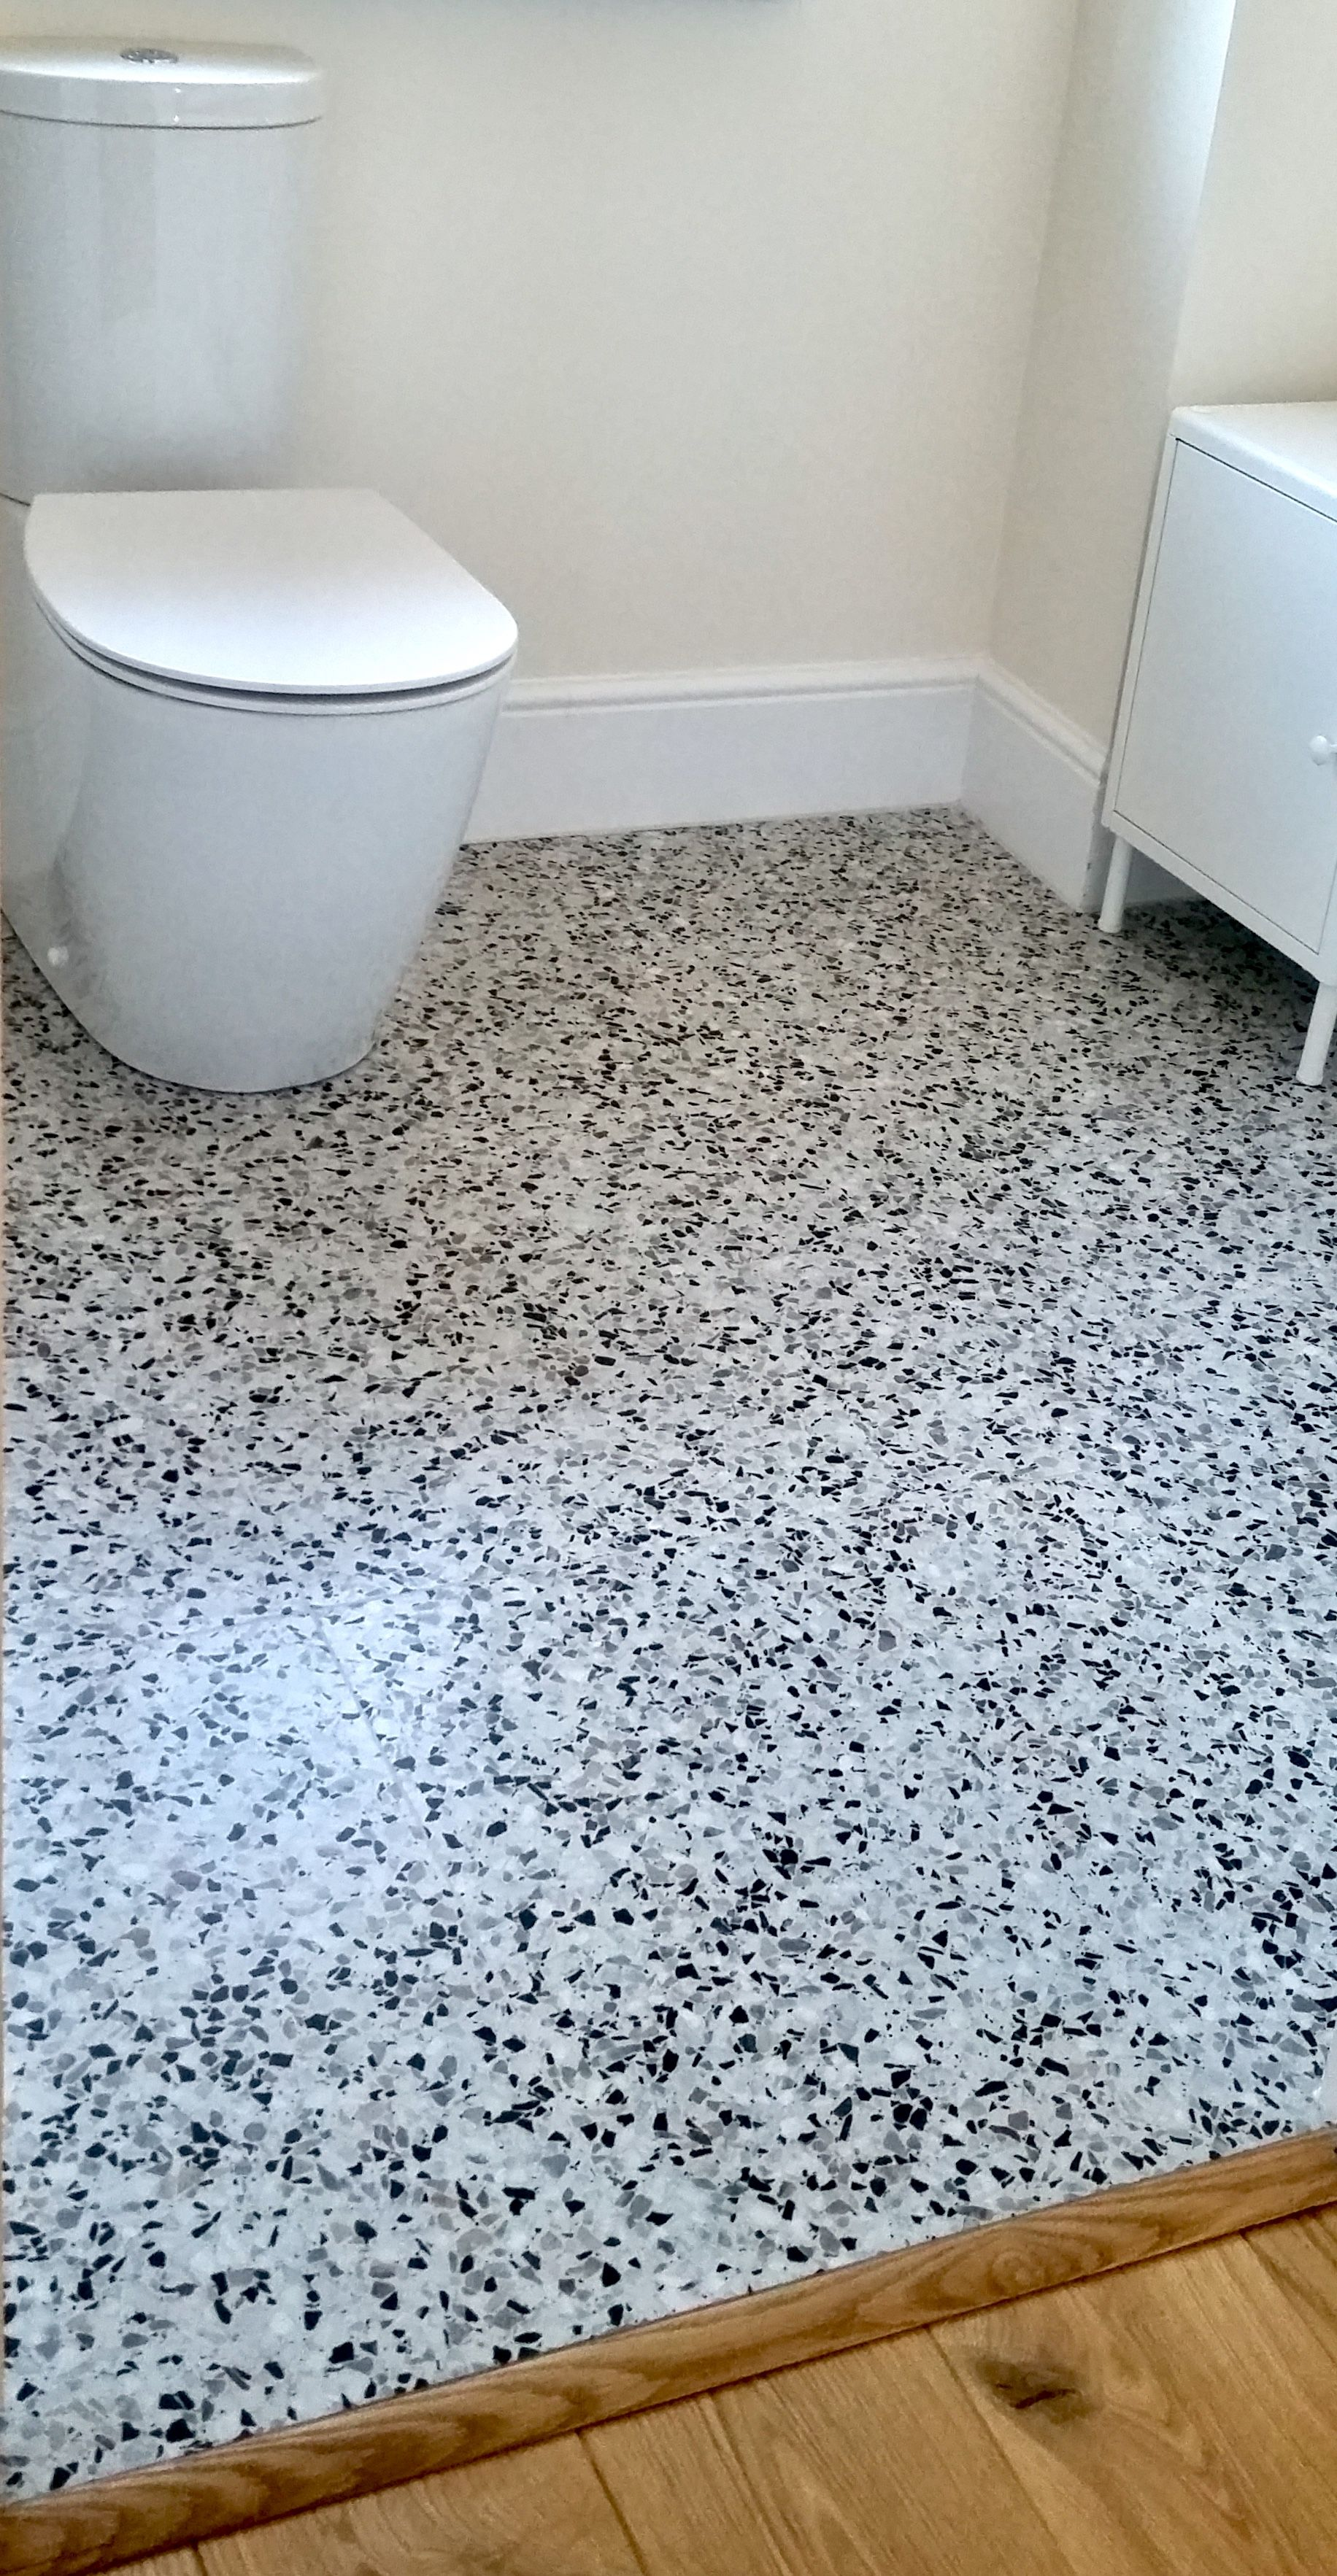 Verona Terrazzo honed 30cm*30cm tile laid in in this recent bathroom ...